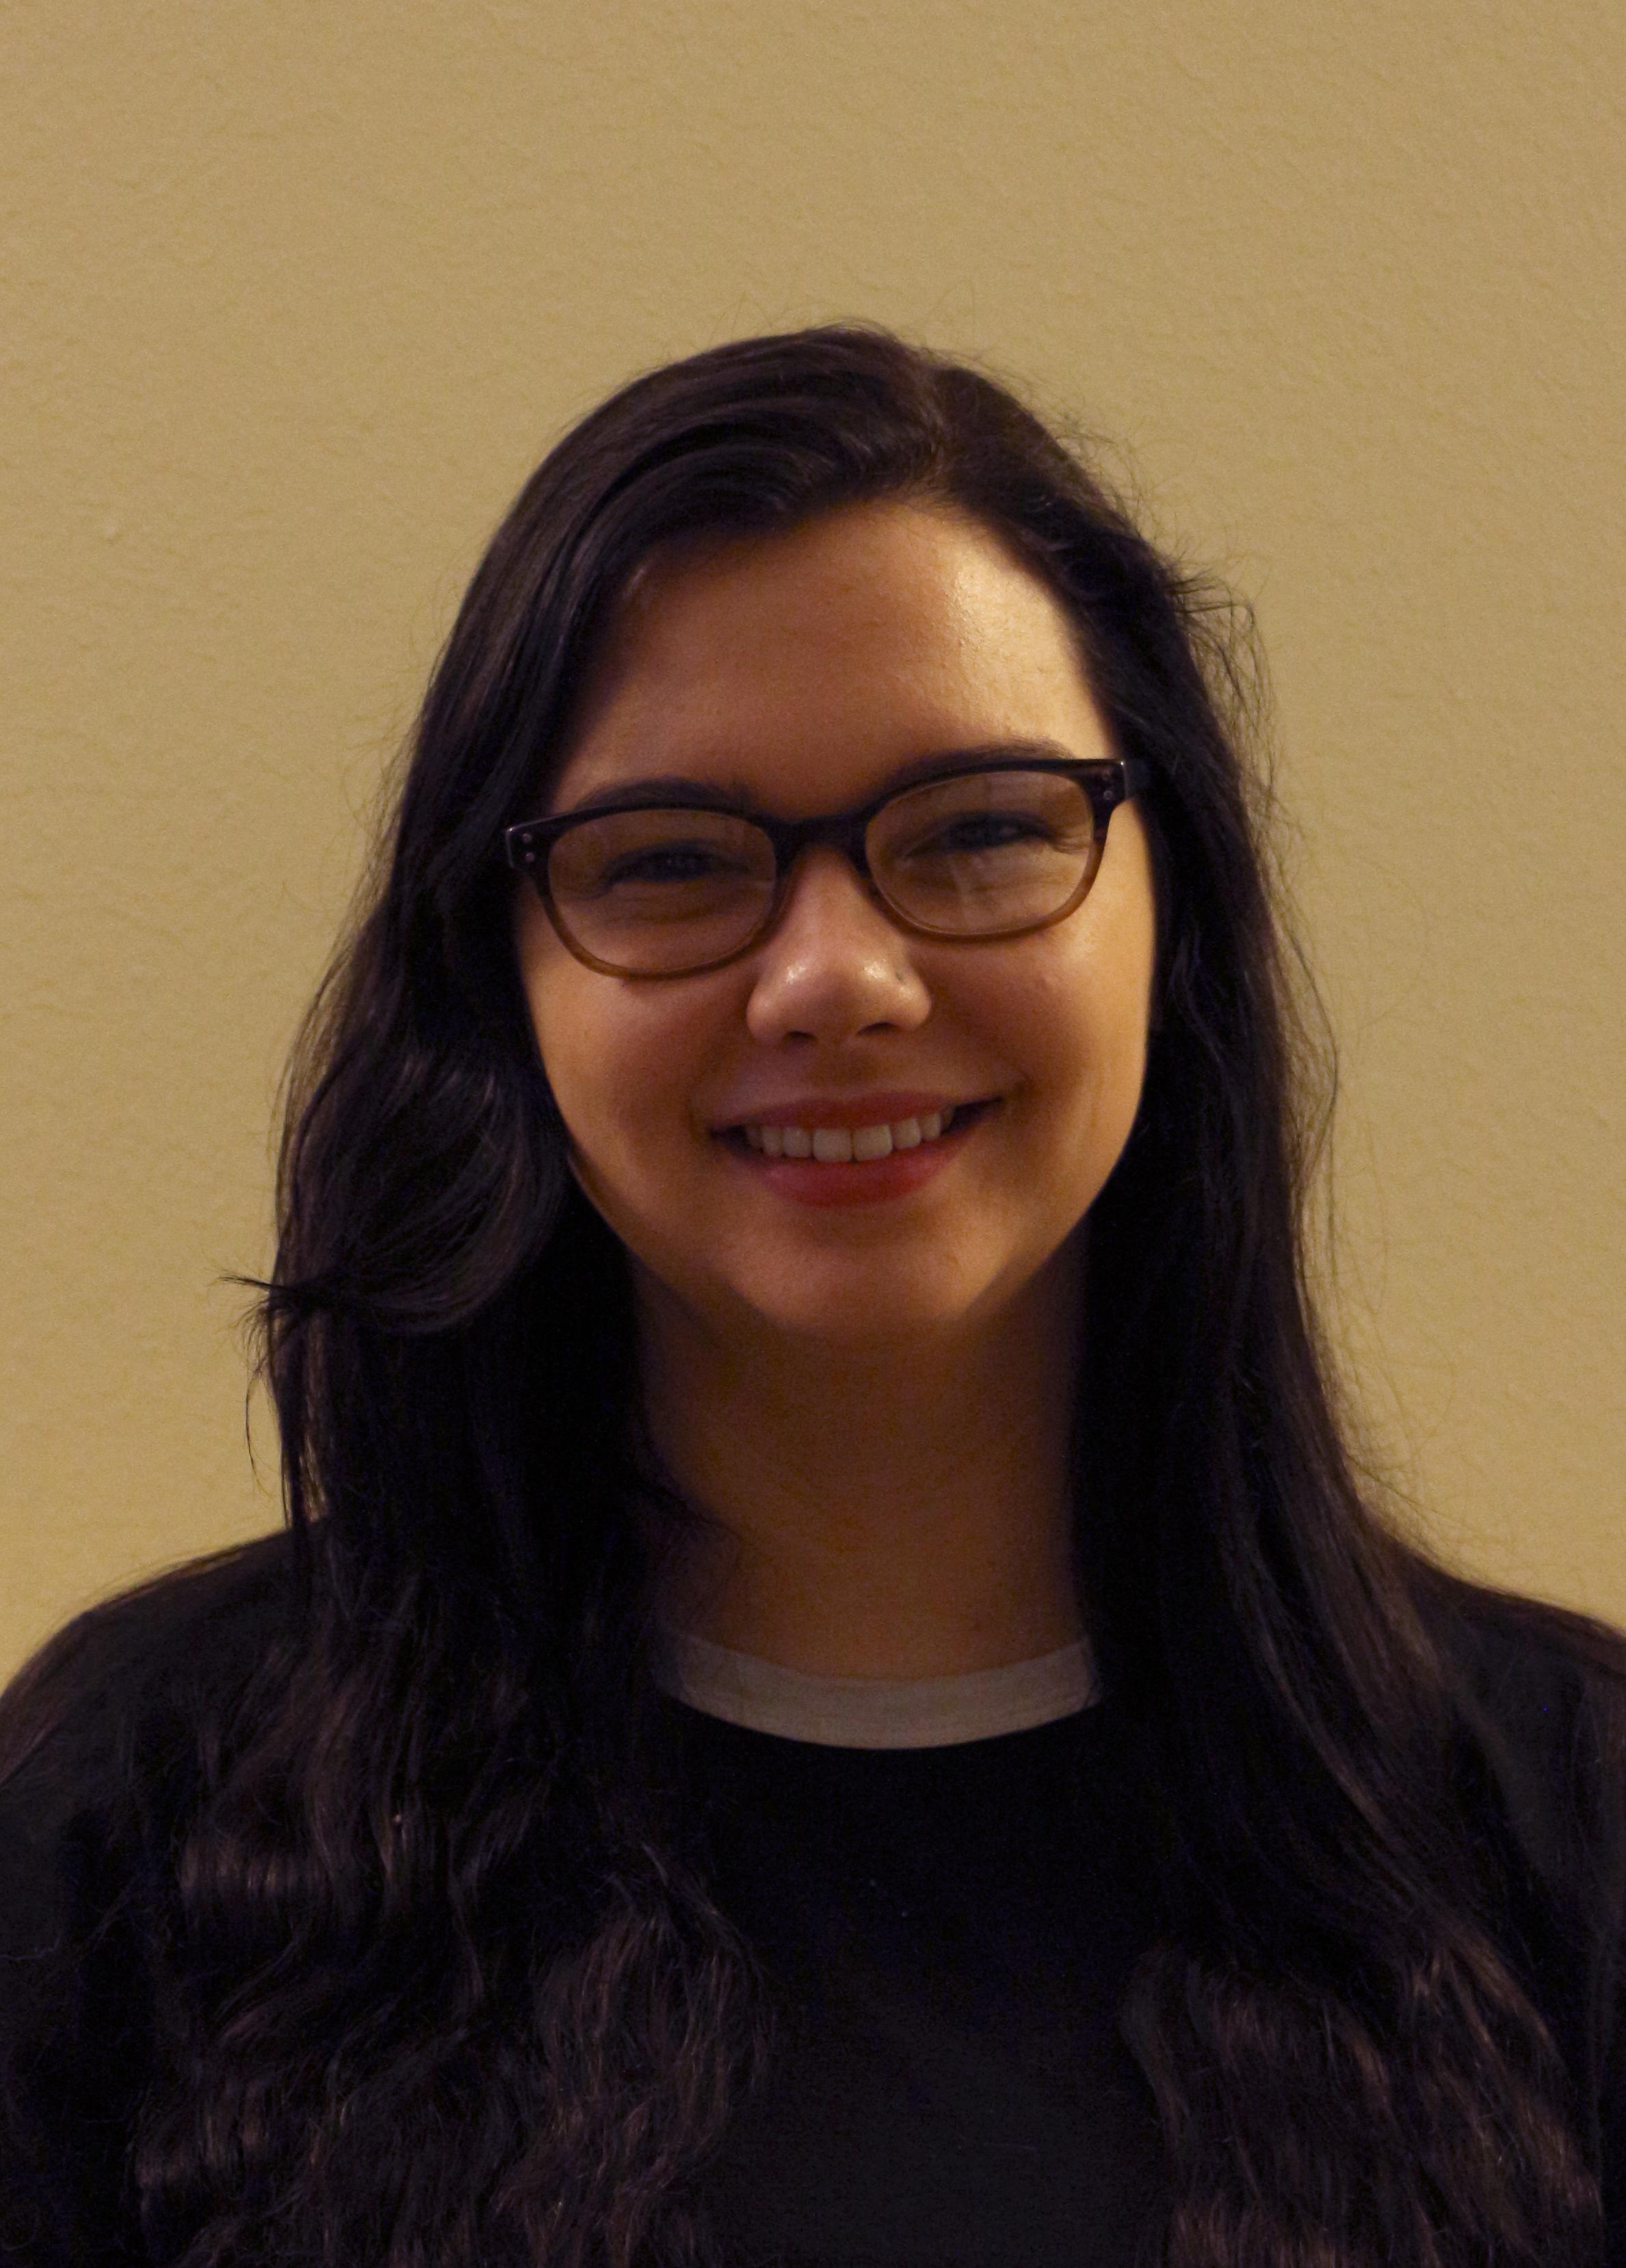 Anna Sullivan | Anna.R.Sullivan-1@ou.edu